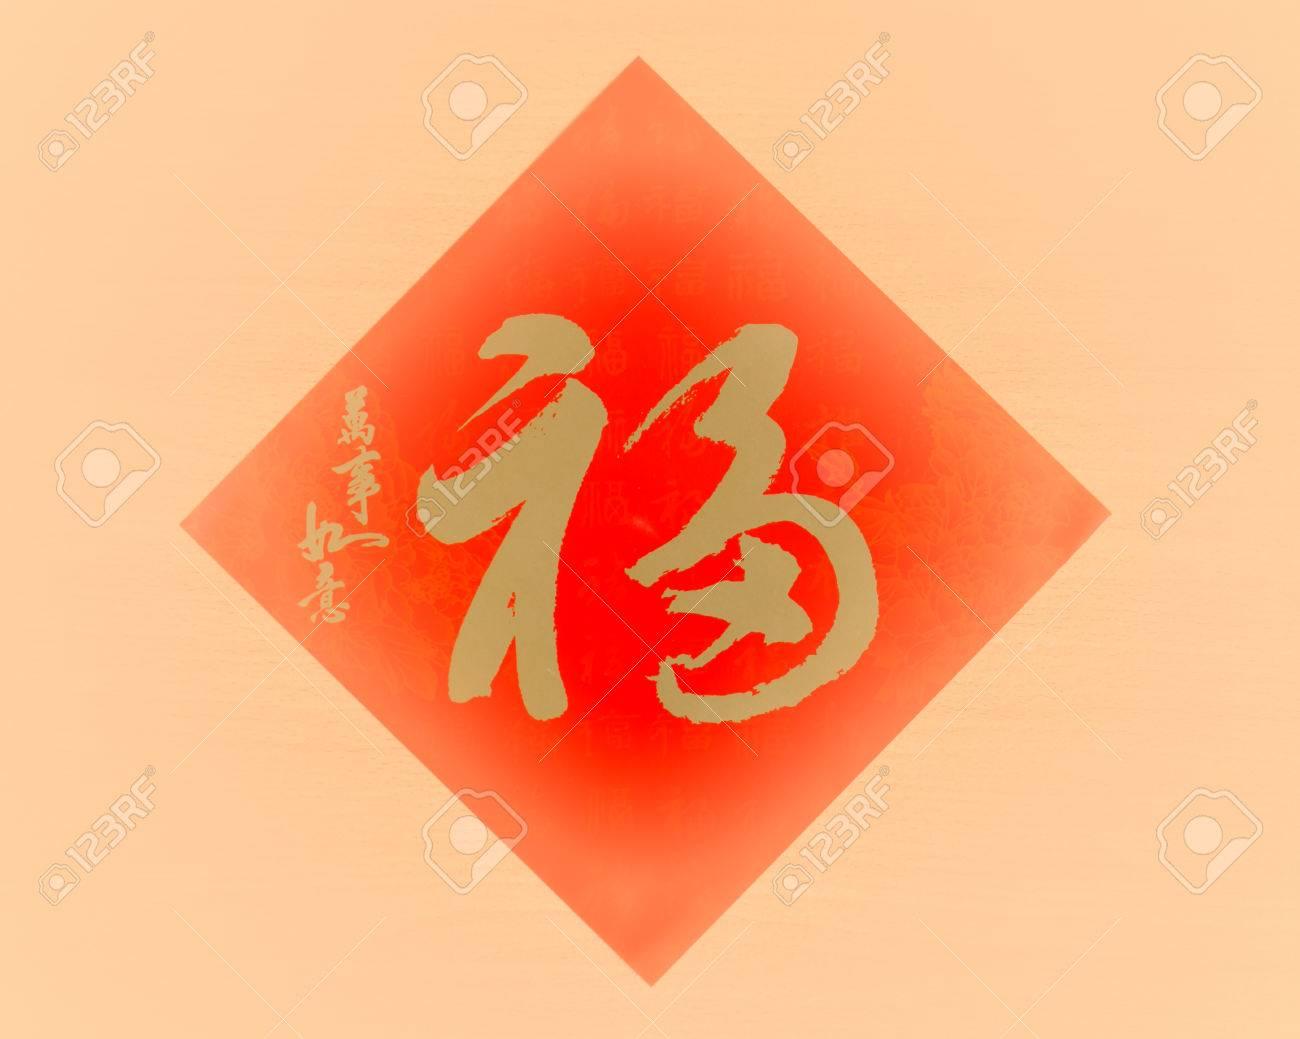 Chinesische Schriftzeichen Fu Zum Glück Viel Glück Gruß Des Neuen ...